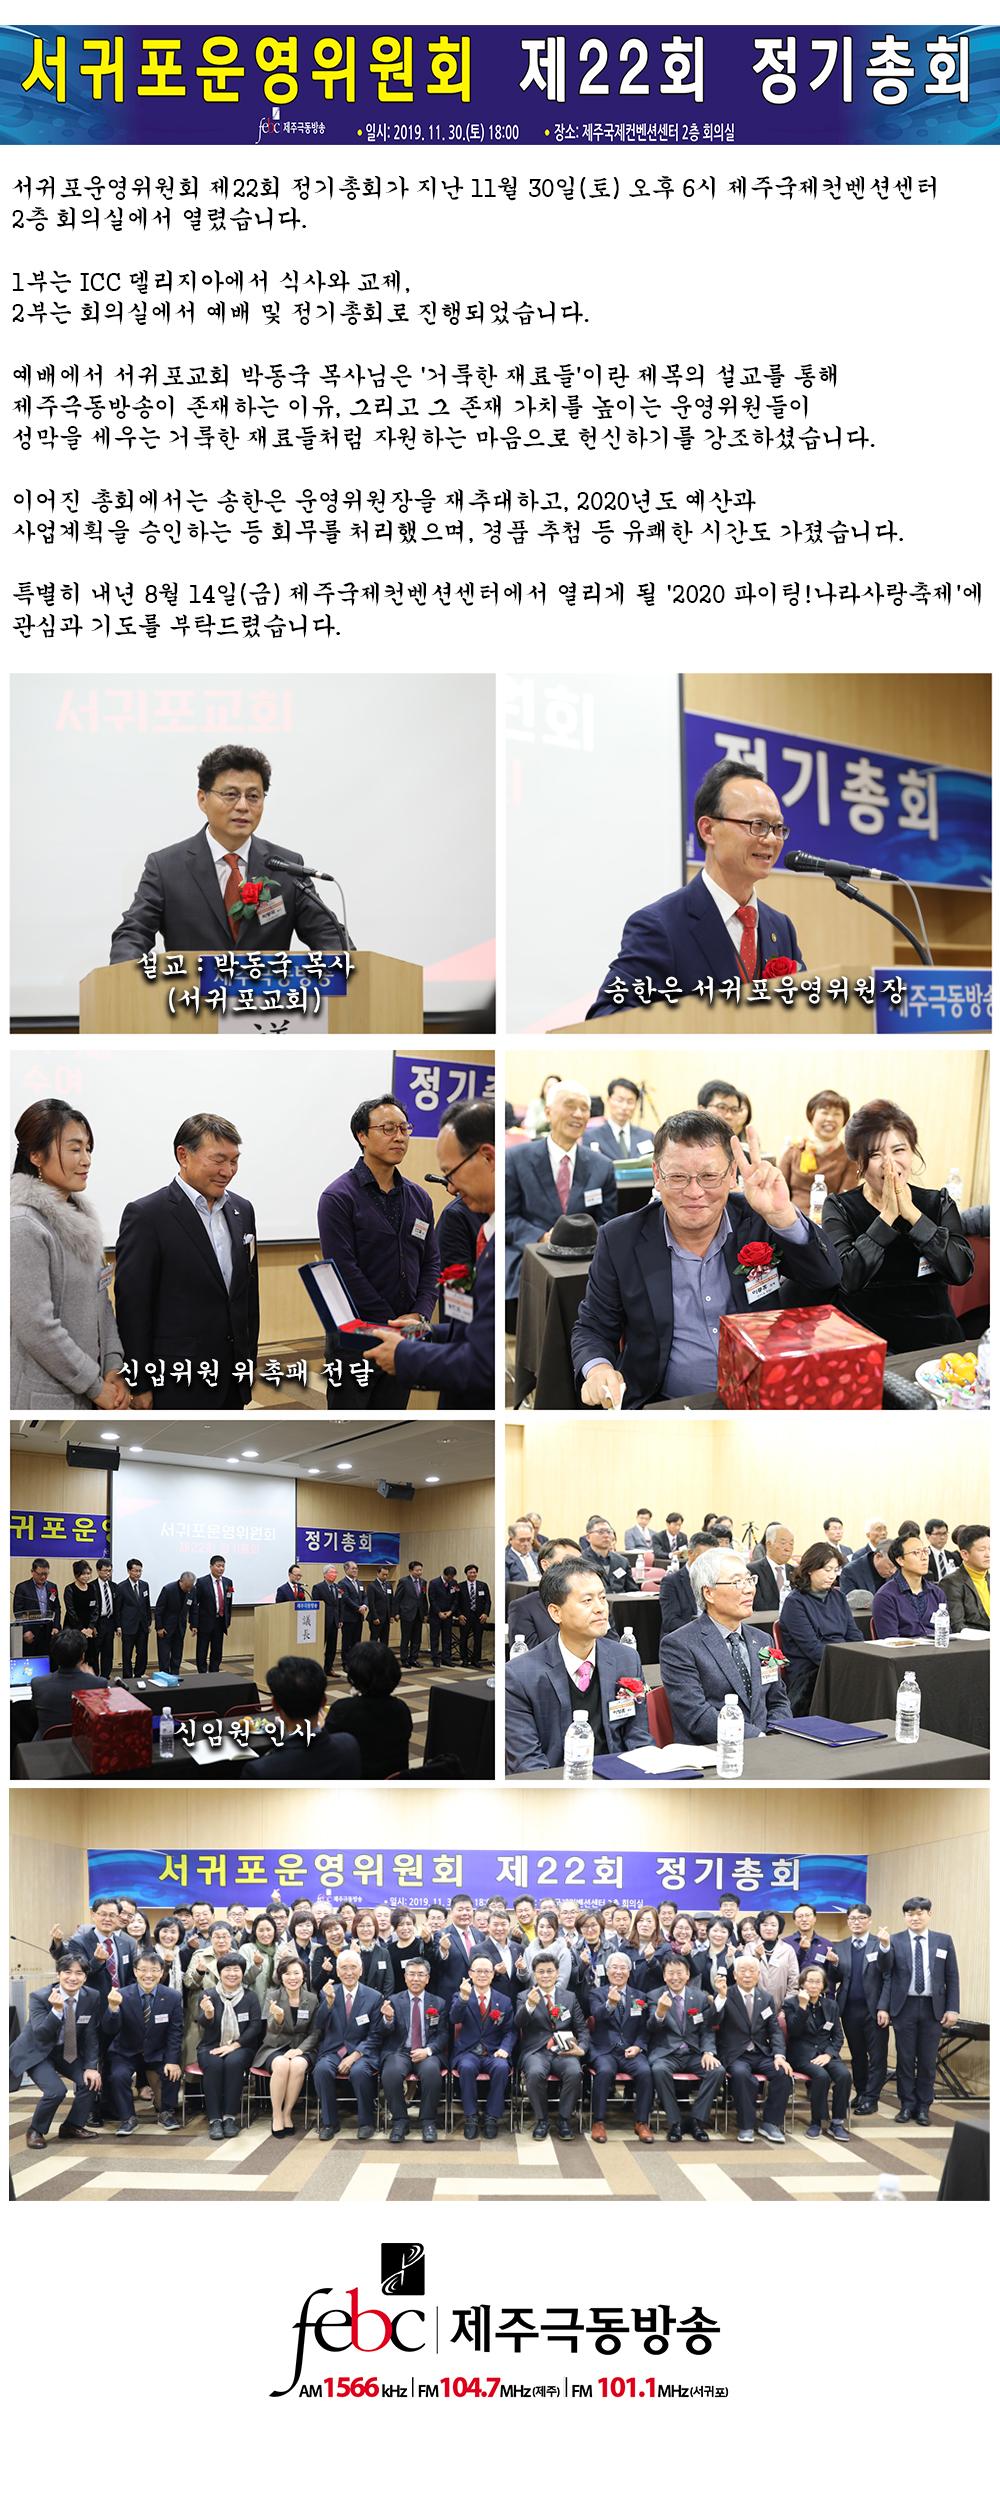 서귀포운영위원회 22회 정기총회 게시판.jpg